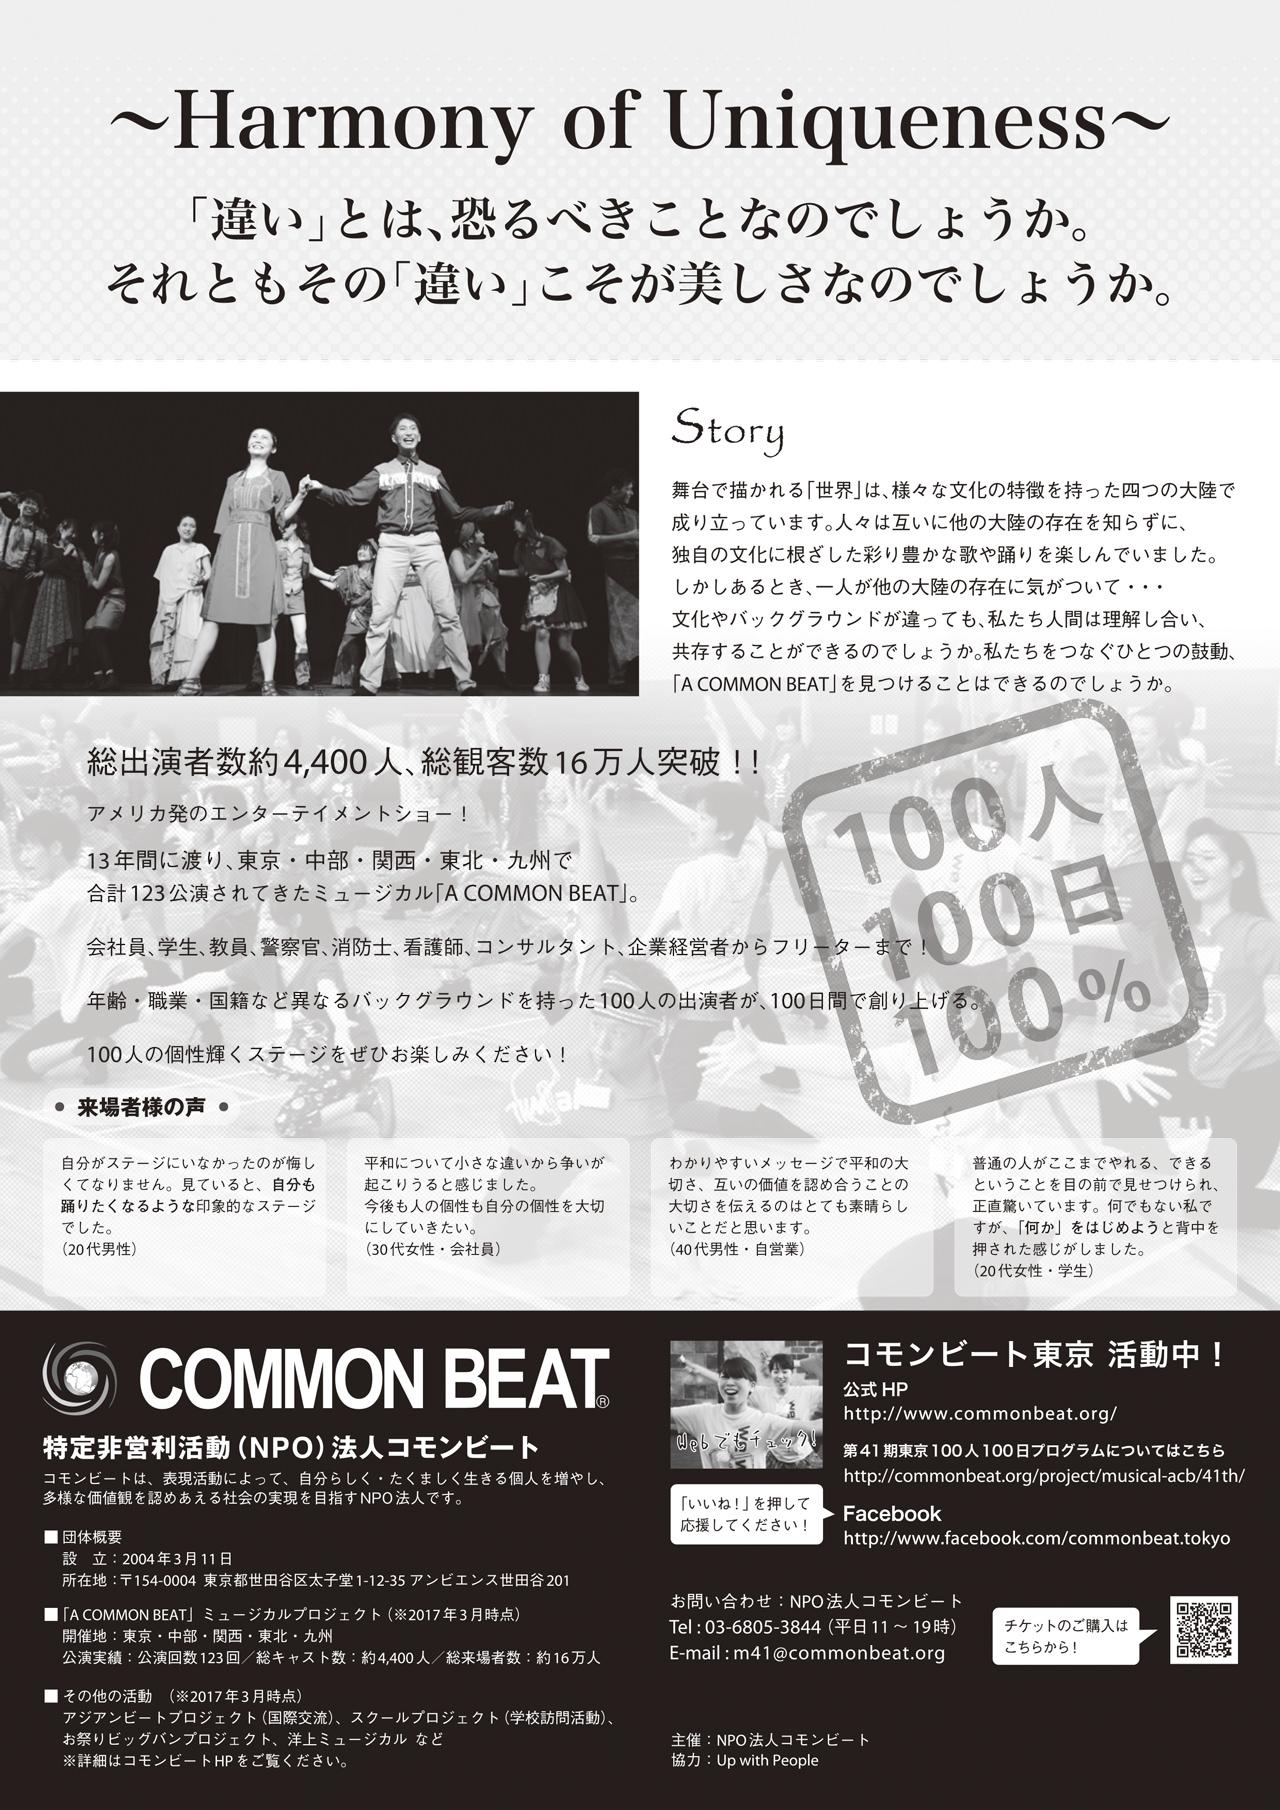 ミュージカルコモンビート東京公演に先着50名ご招待!